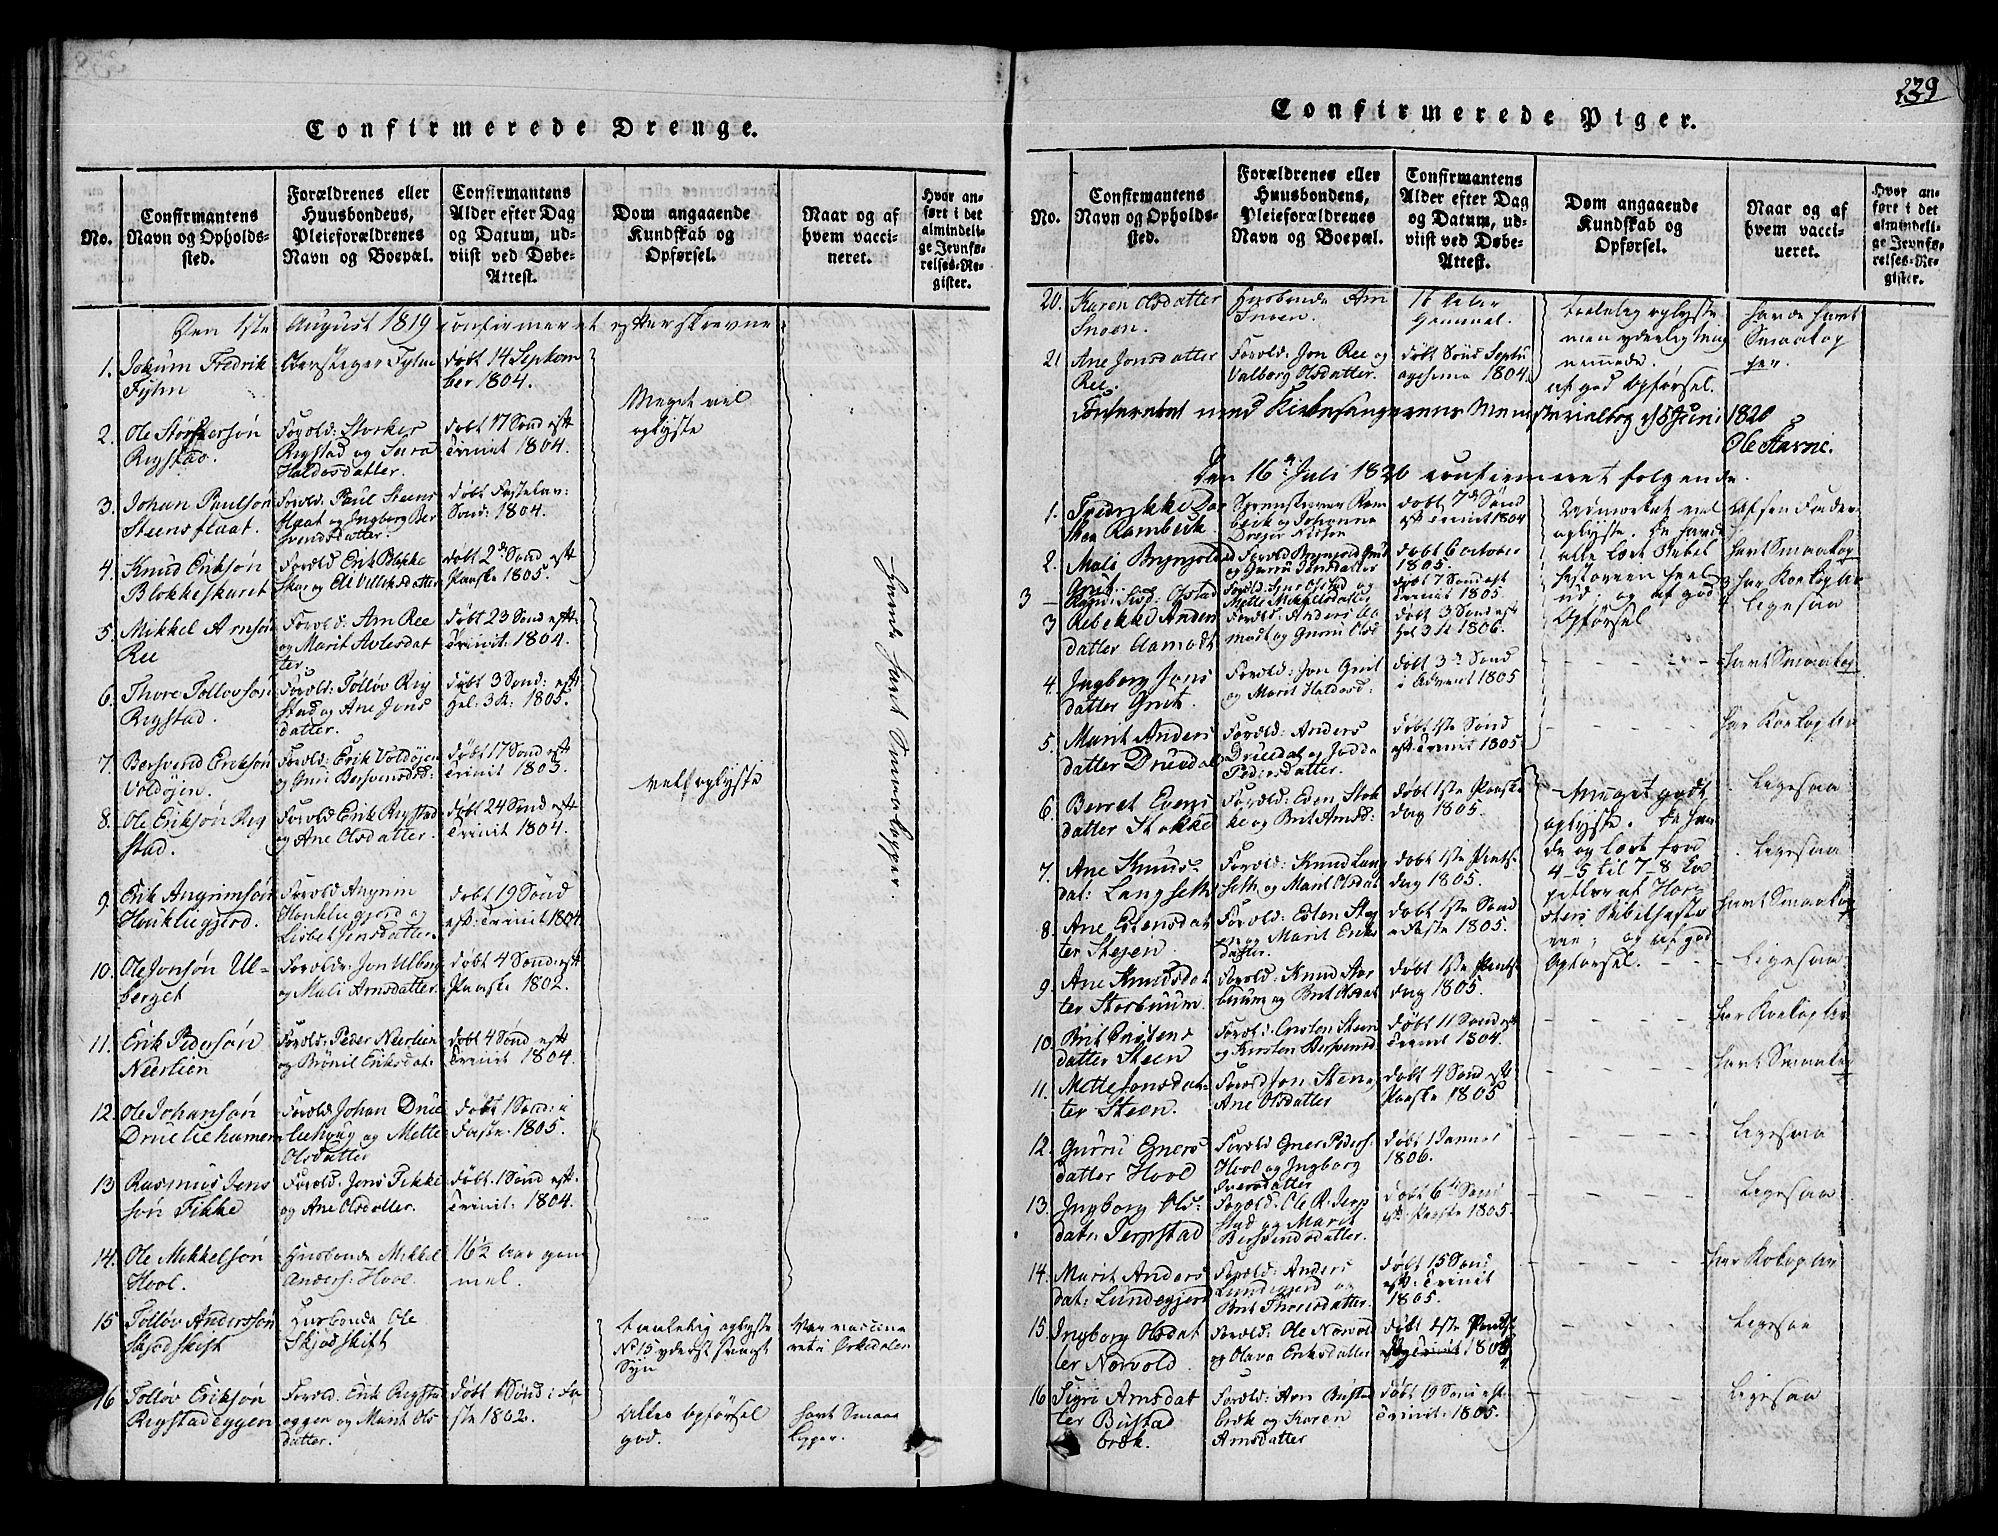 SAT, Ministerialprotokoller, klokkerbøker og fødselsregistre - Sør-Trøndelag, 672/L0853: Ministerialbok nr. 672A06 /1, 1816-1829, s. 239